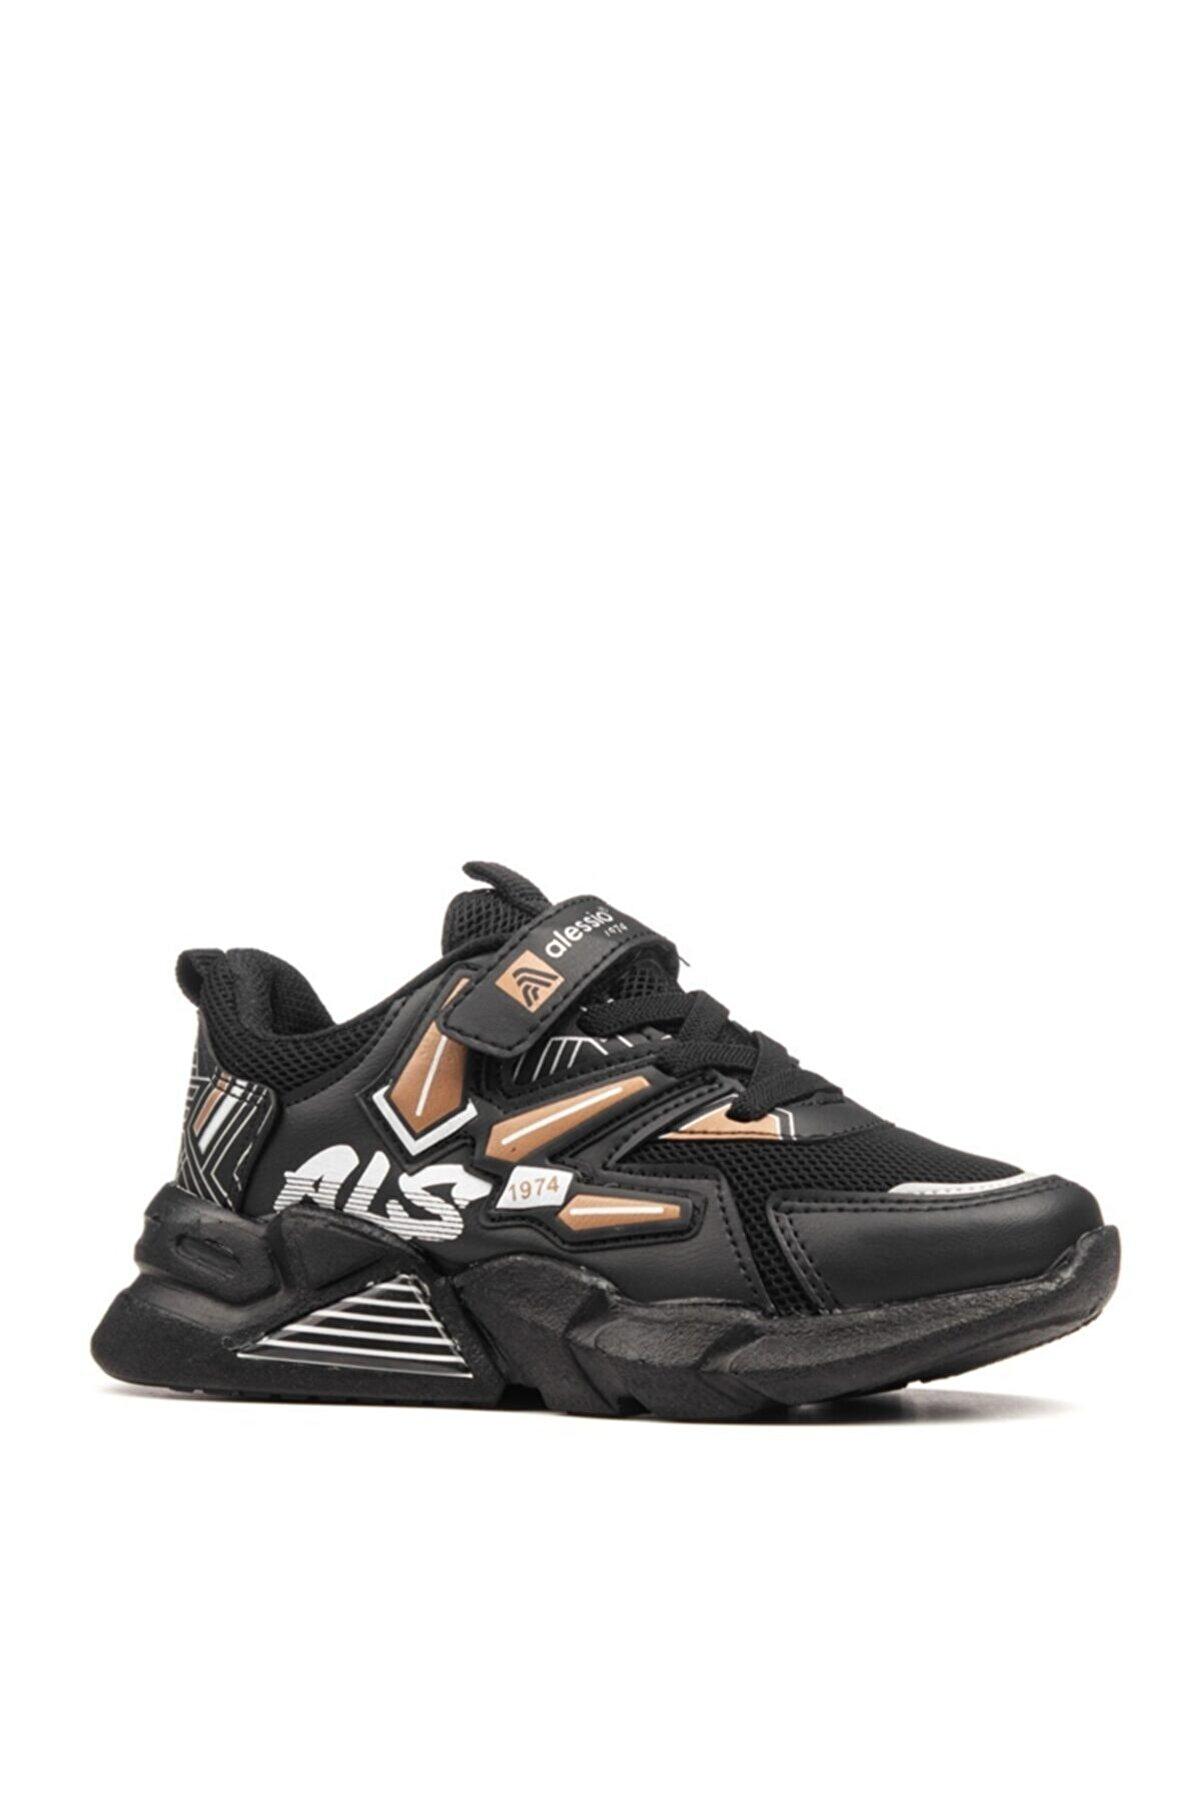 MAGIC SHOES Unisex Çocuk Siyah Taba Spor Ayakkabı